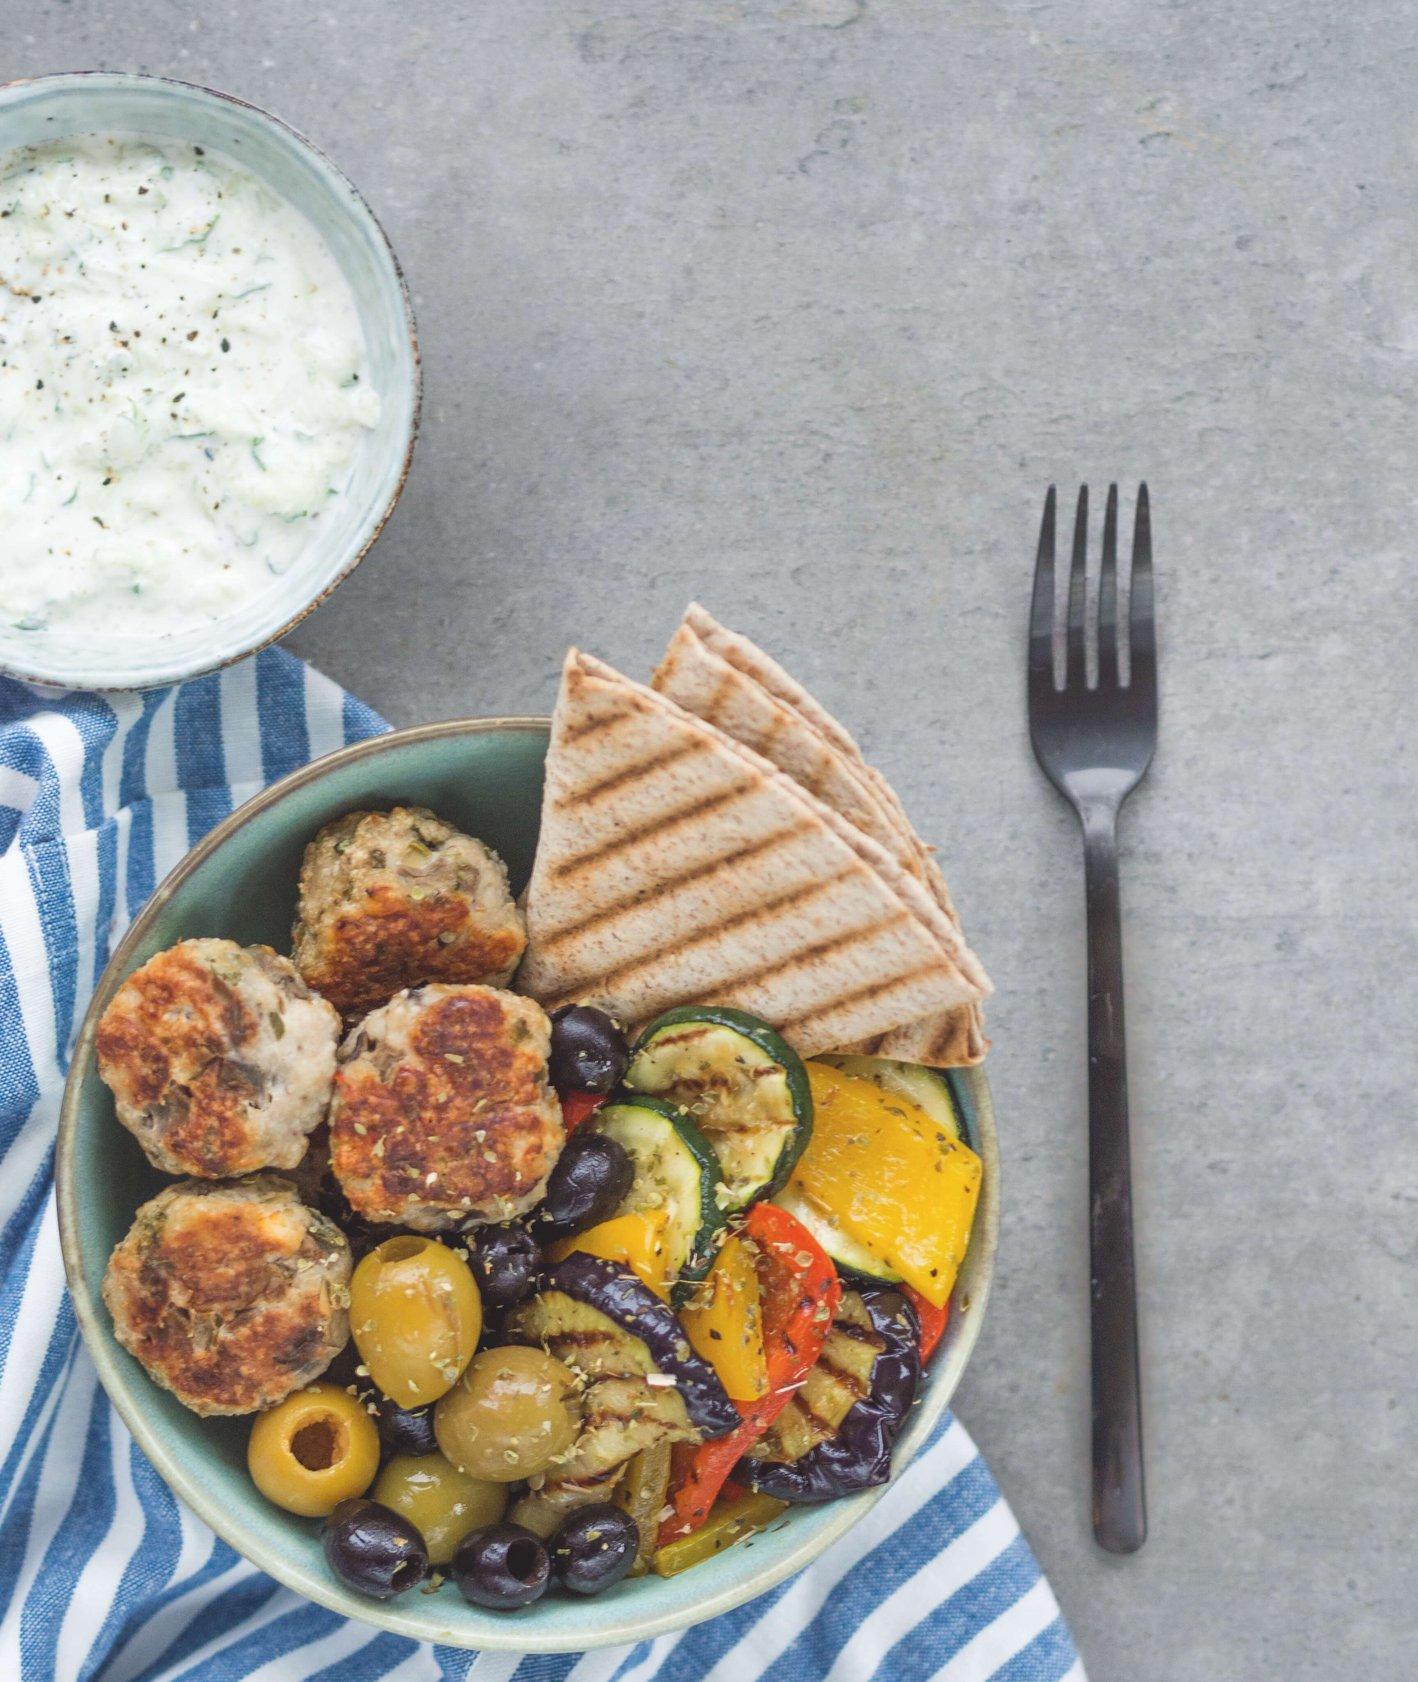 klopsiki greckie, dietetyczne danie z warzywami, przepisy okiem dietetyka